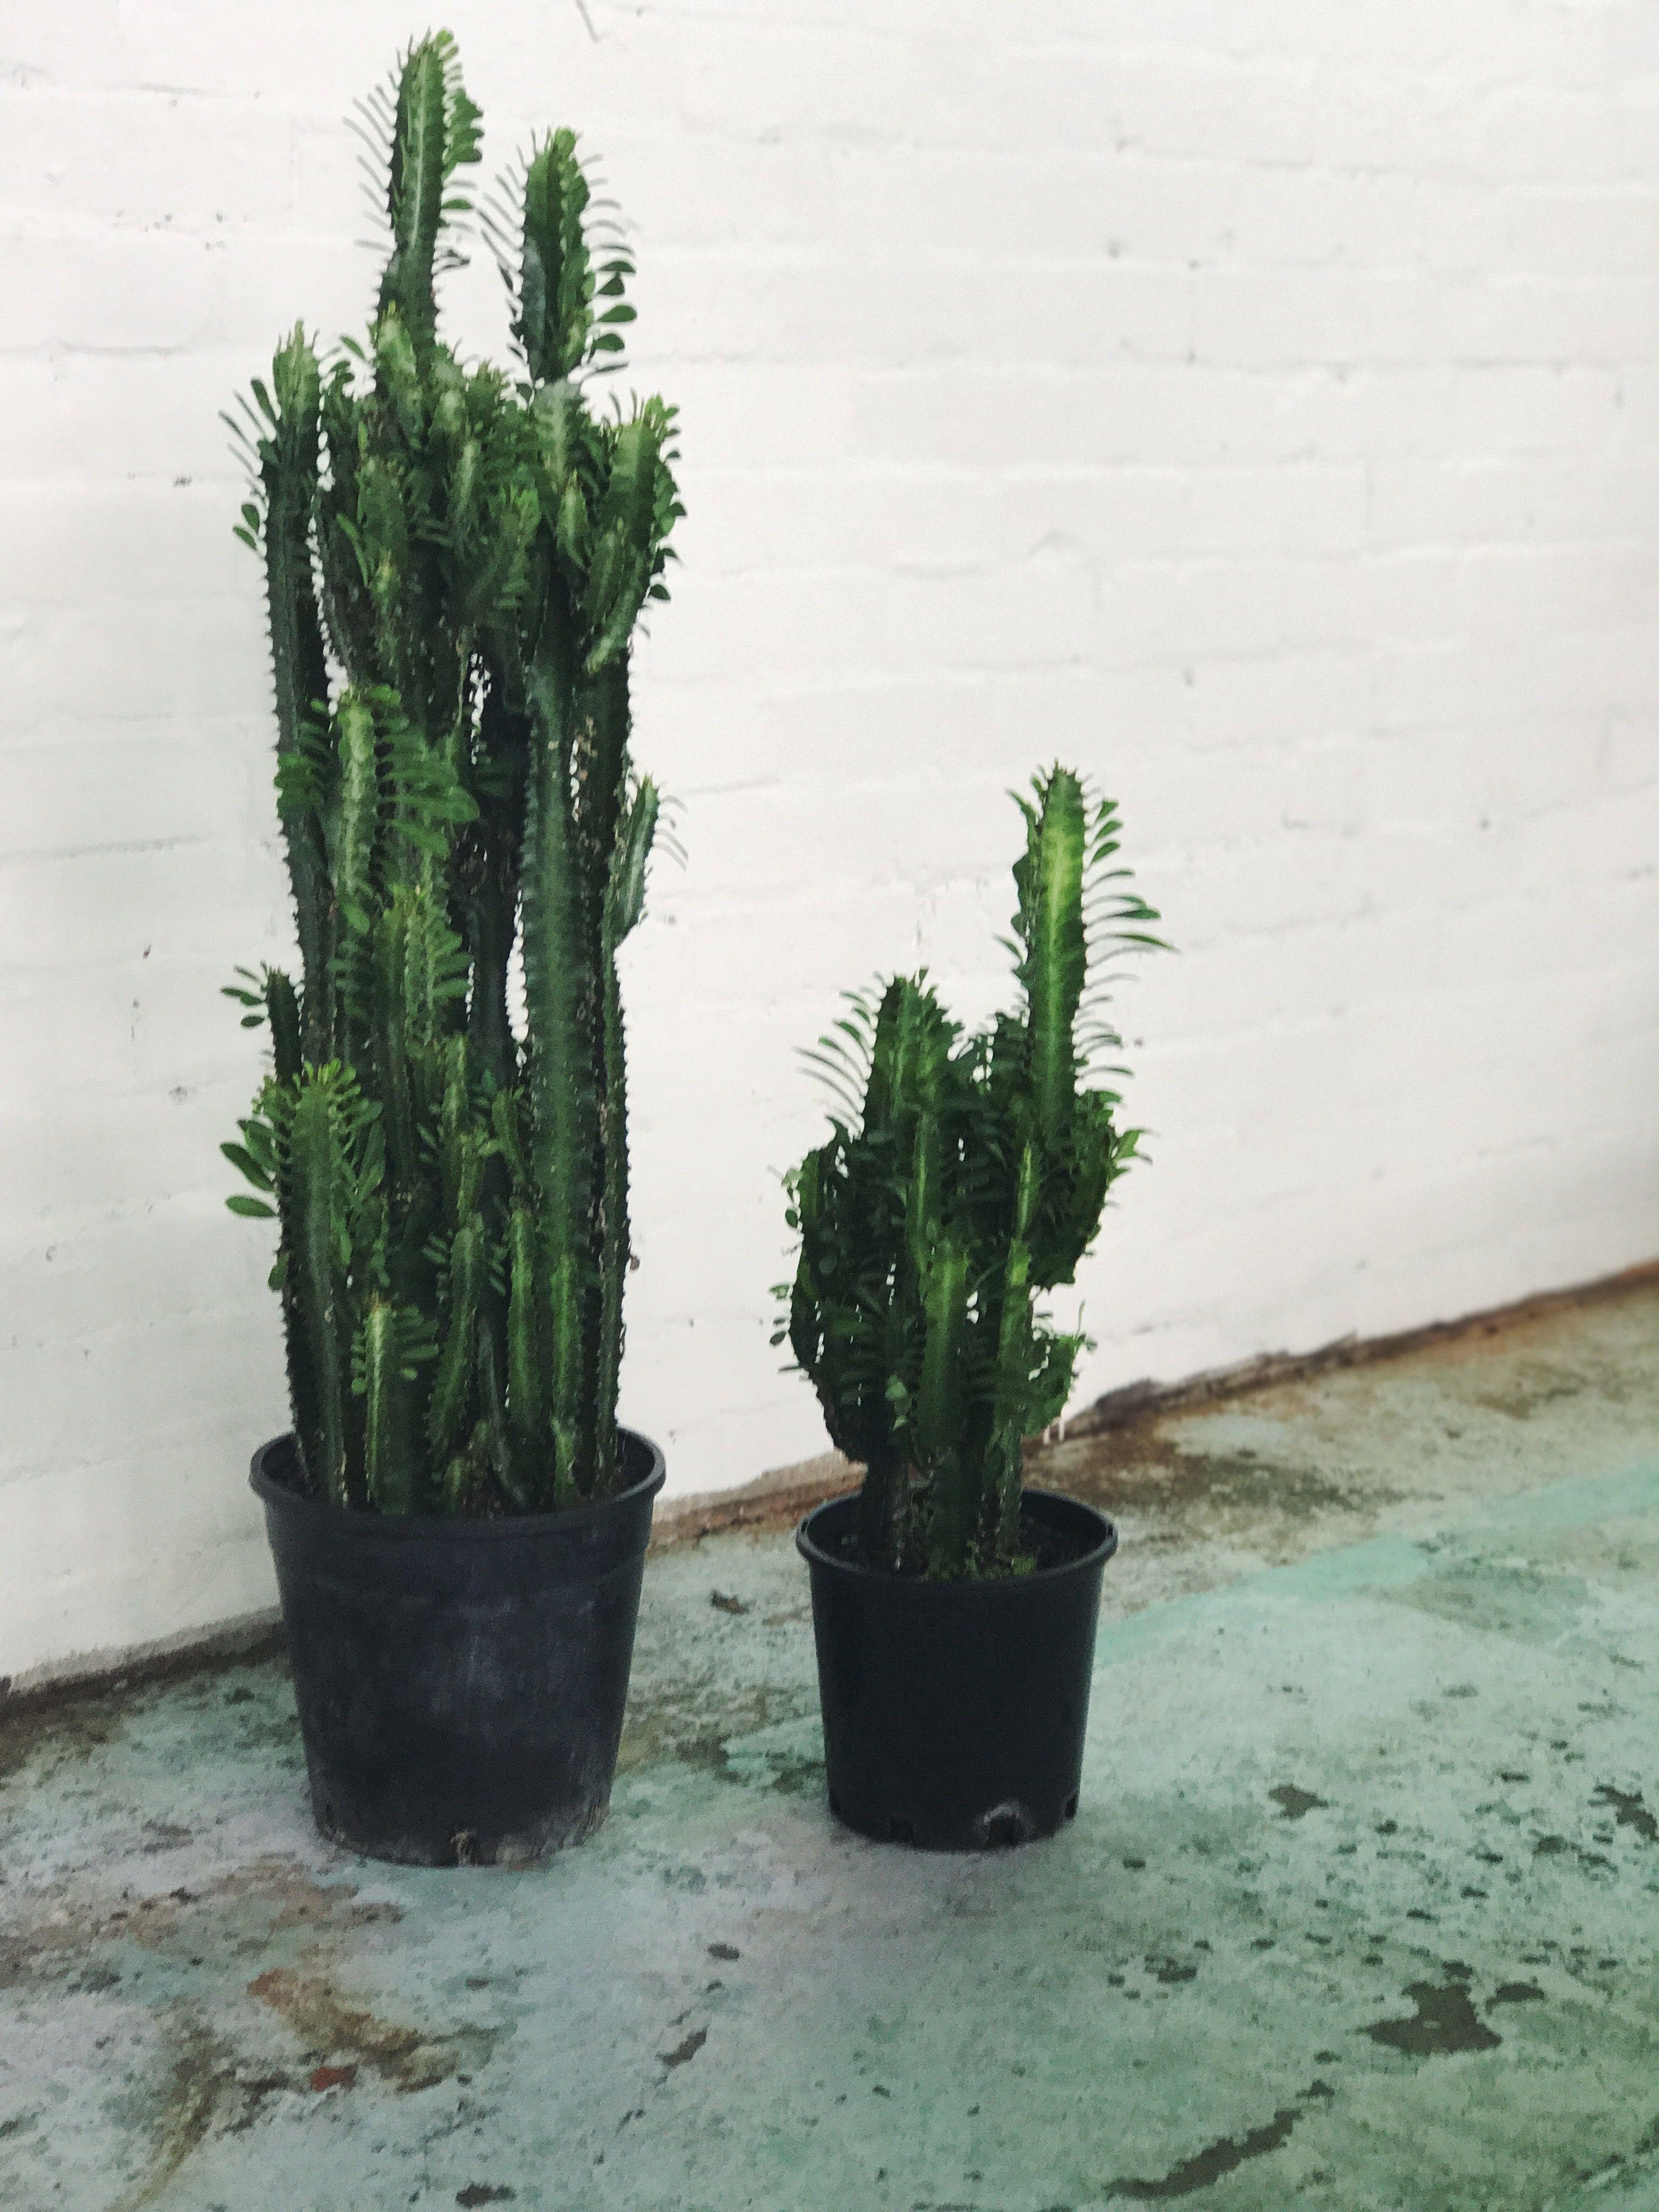 Often mistaken as a cactus, the Euphorbia Trigona is